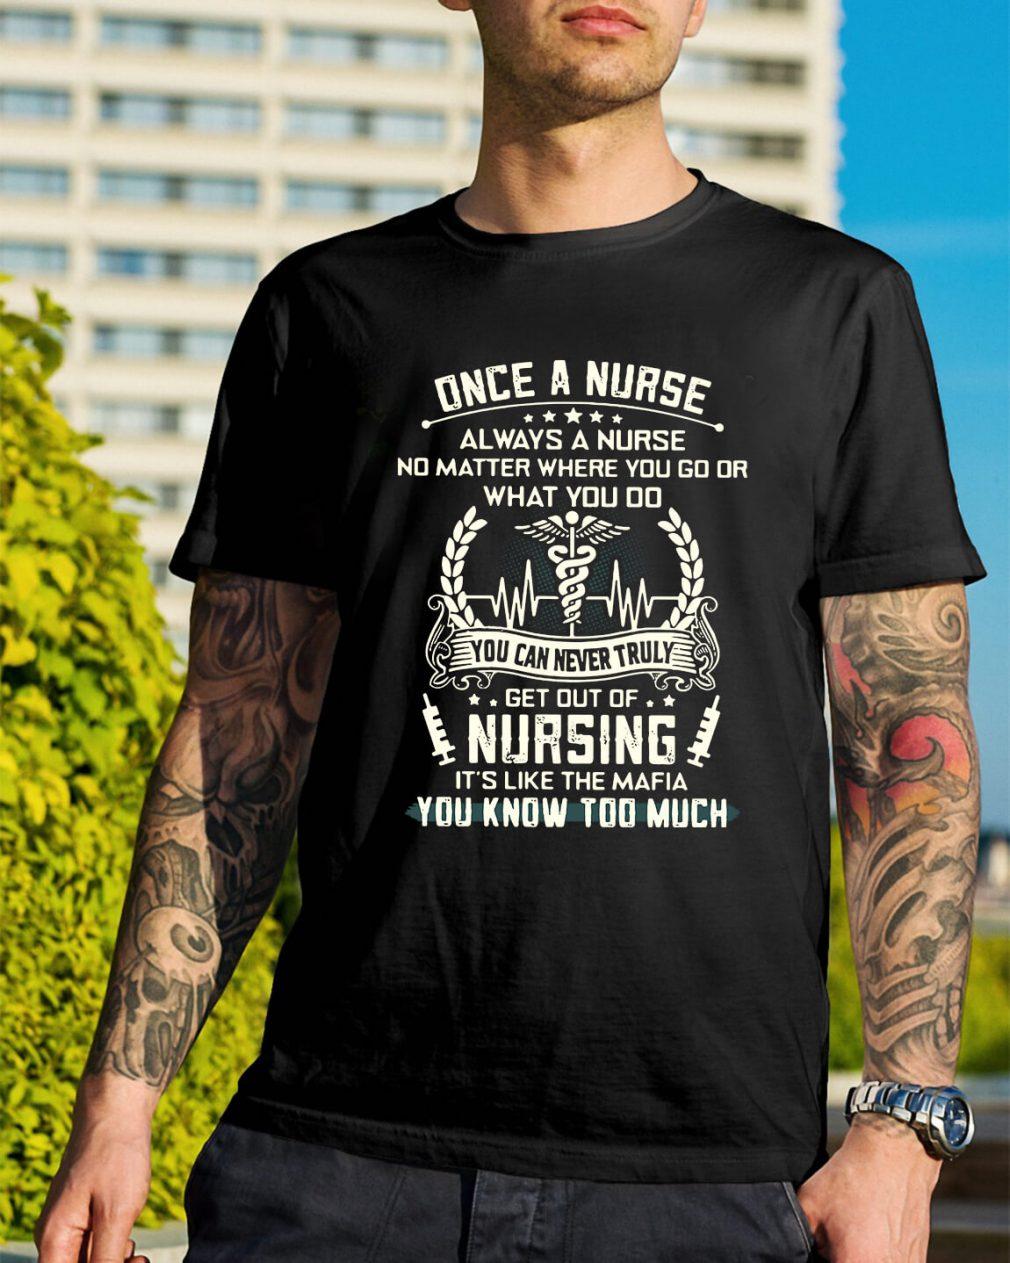 Once a nurse always a nurse get out of nursing it's like the mafia shirt